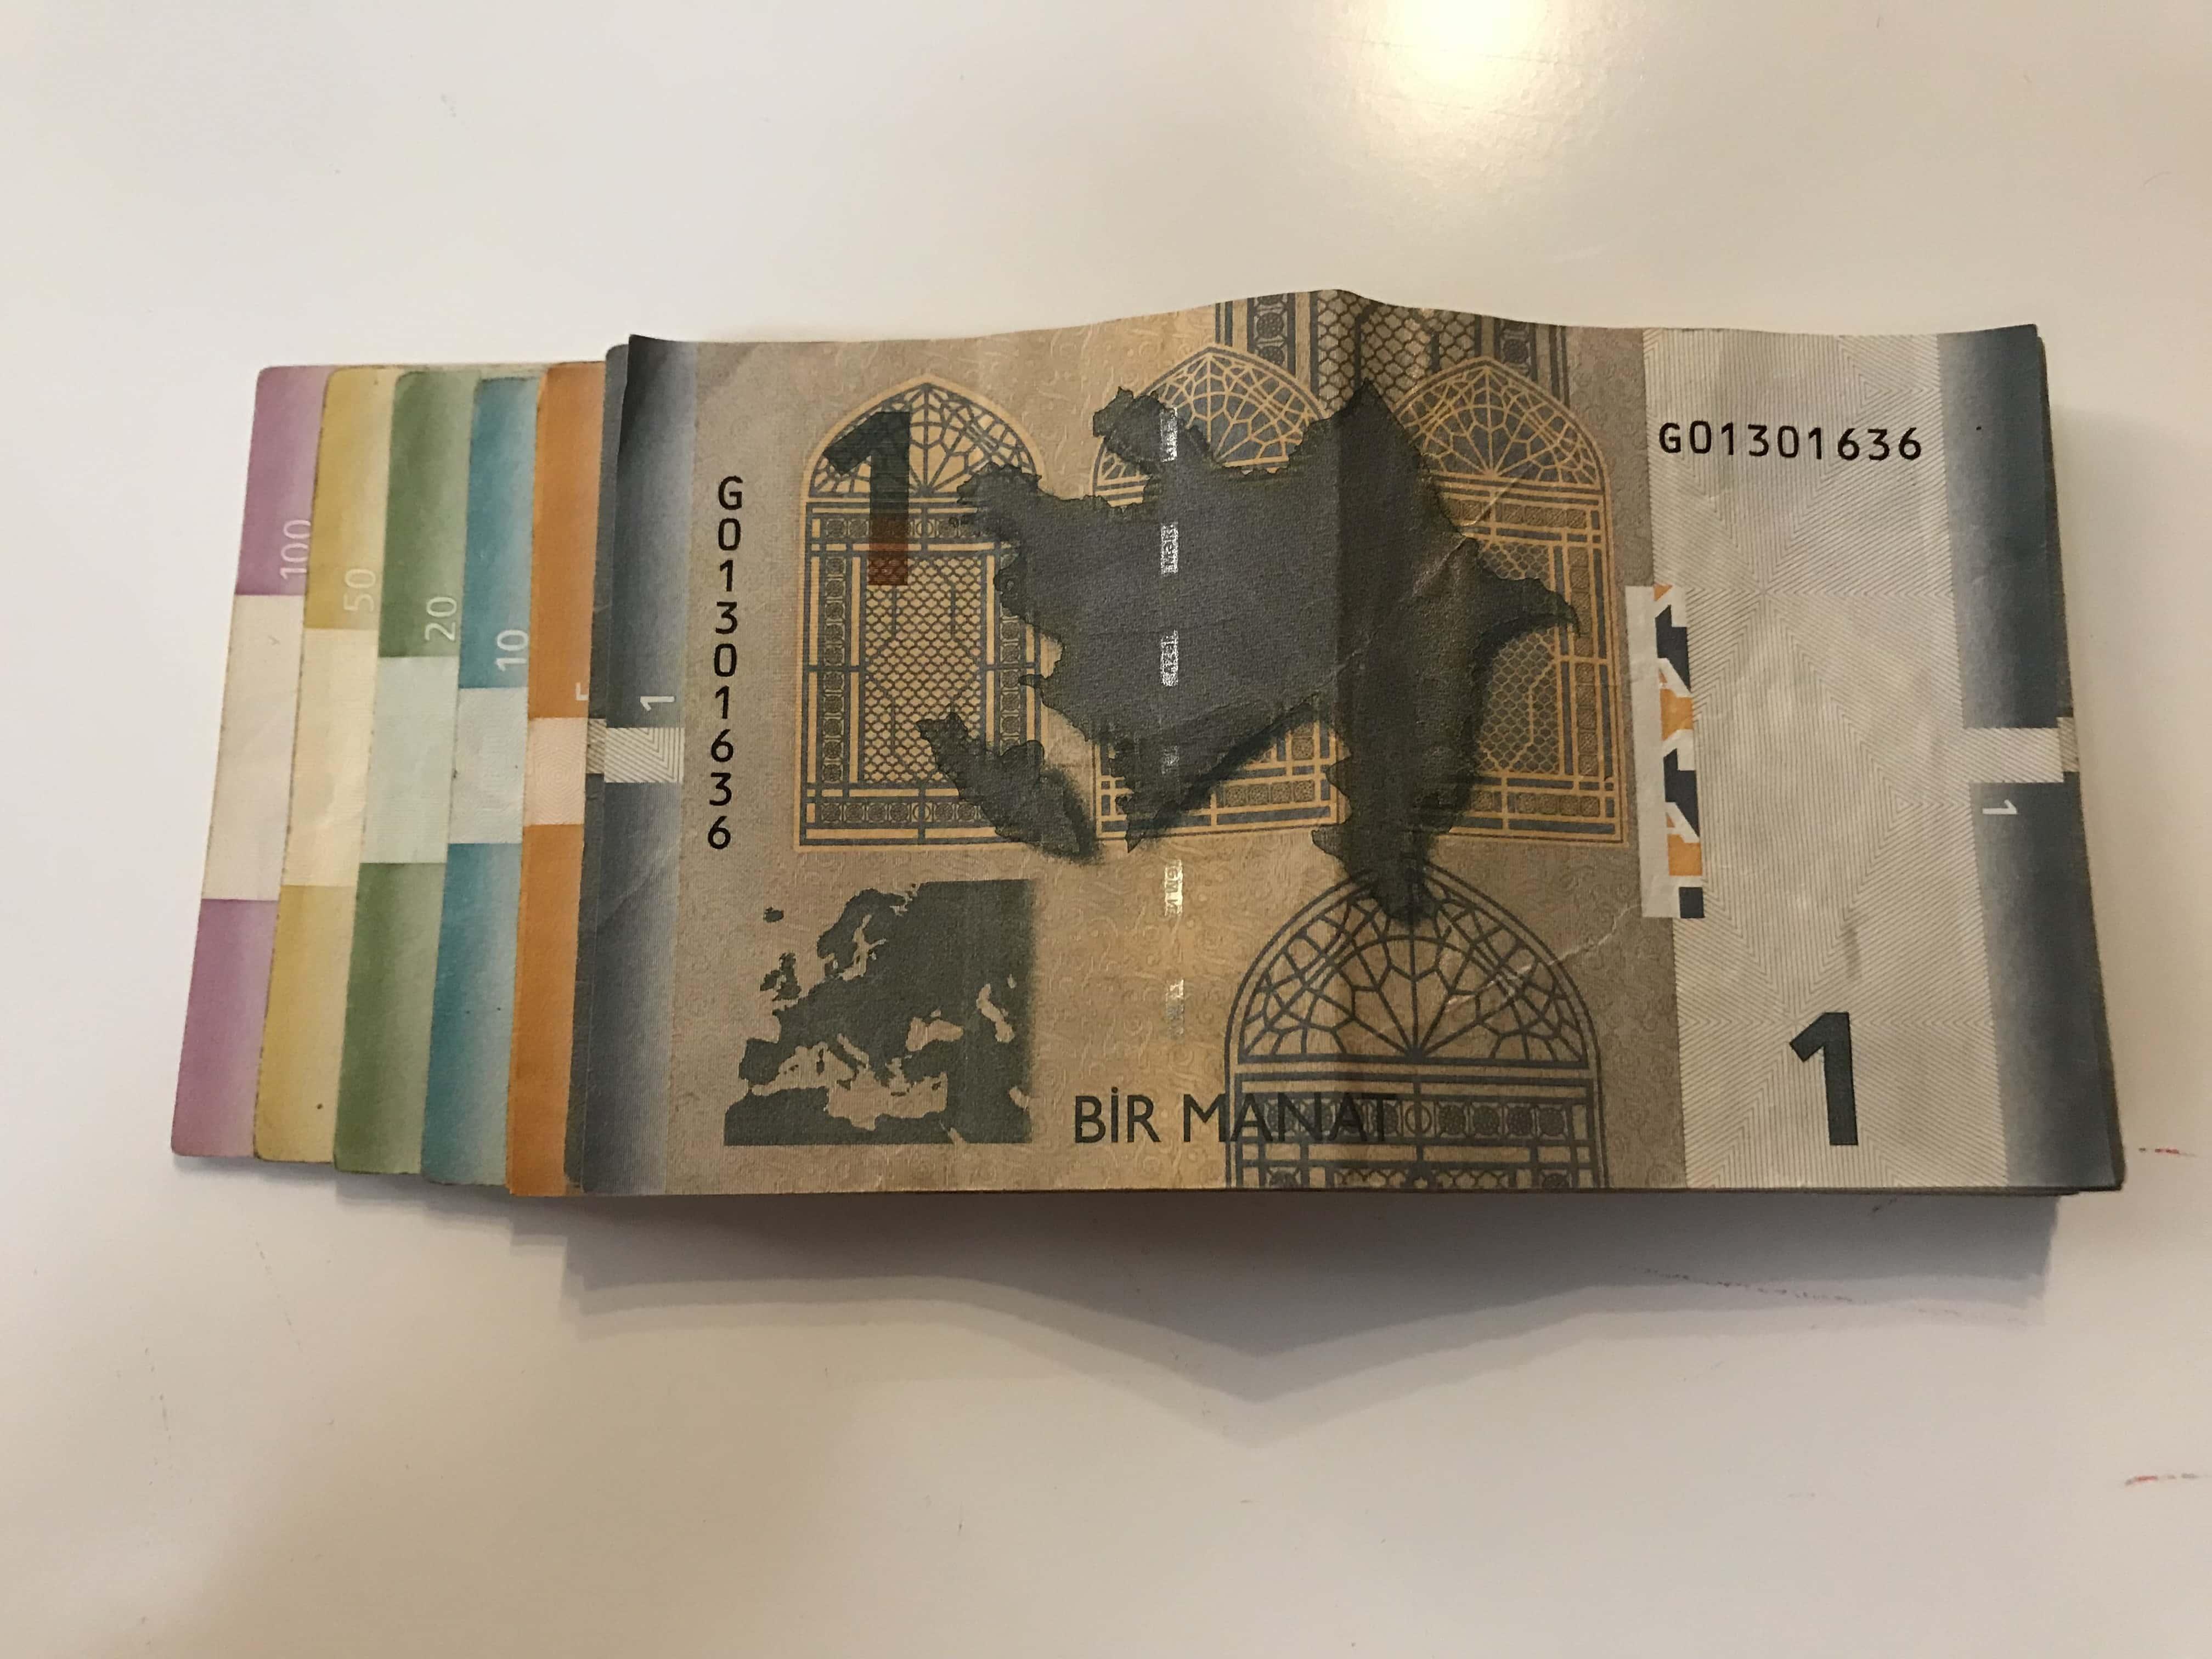 アゼルバイジャン通貨